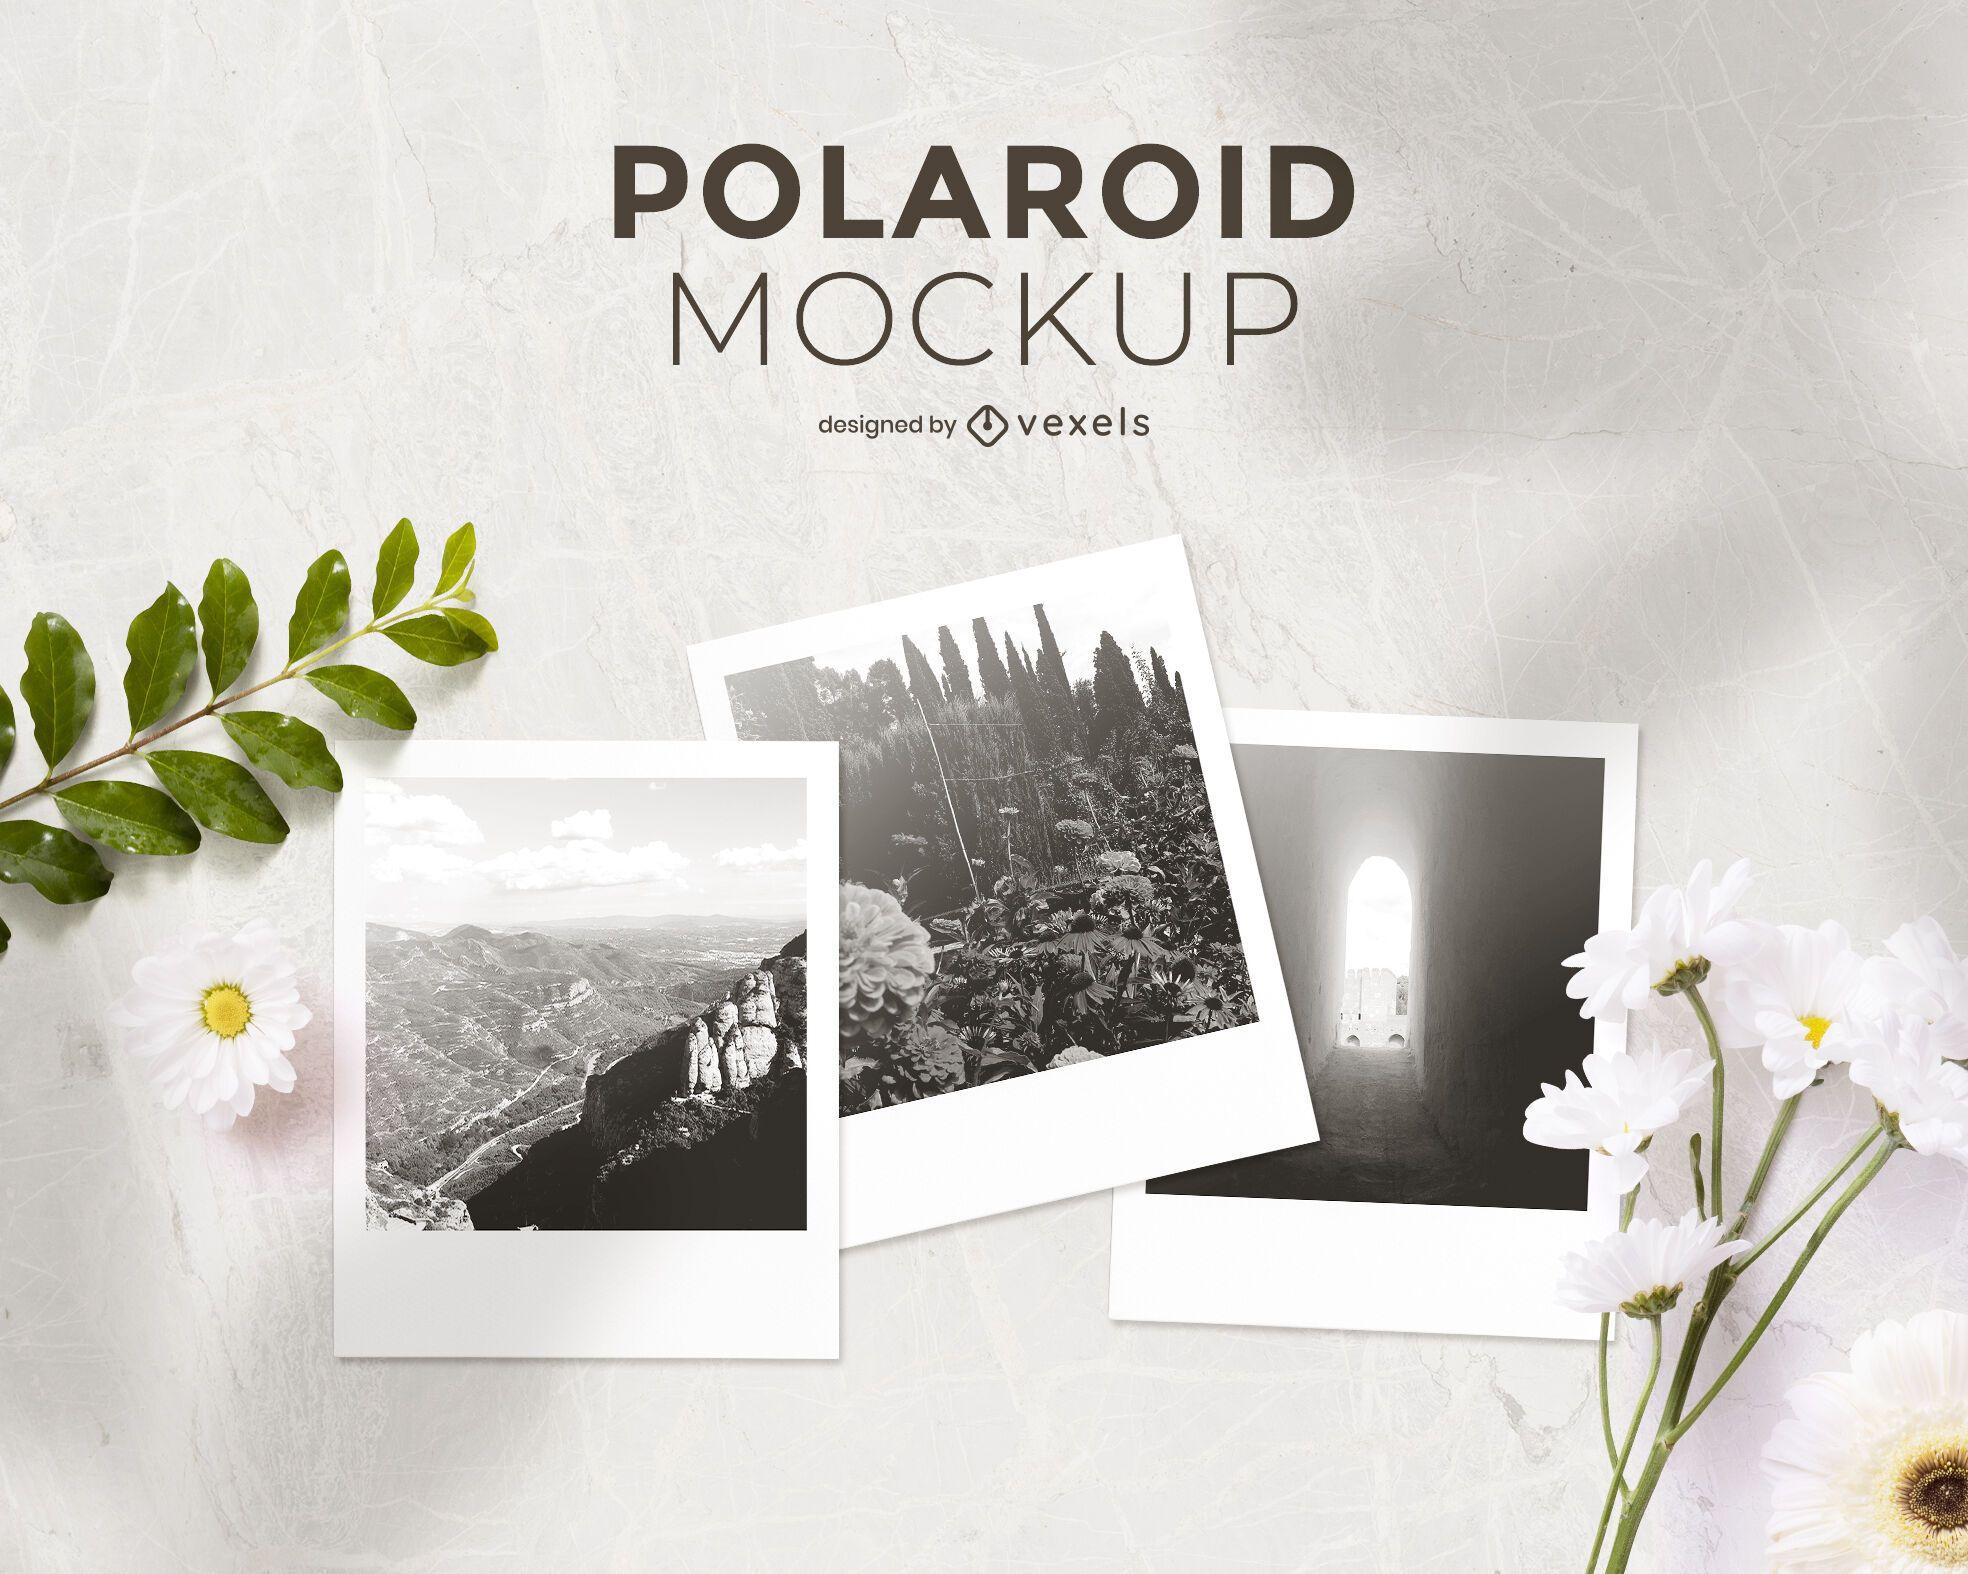 Composición de la maqueta de Polaroid